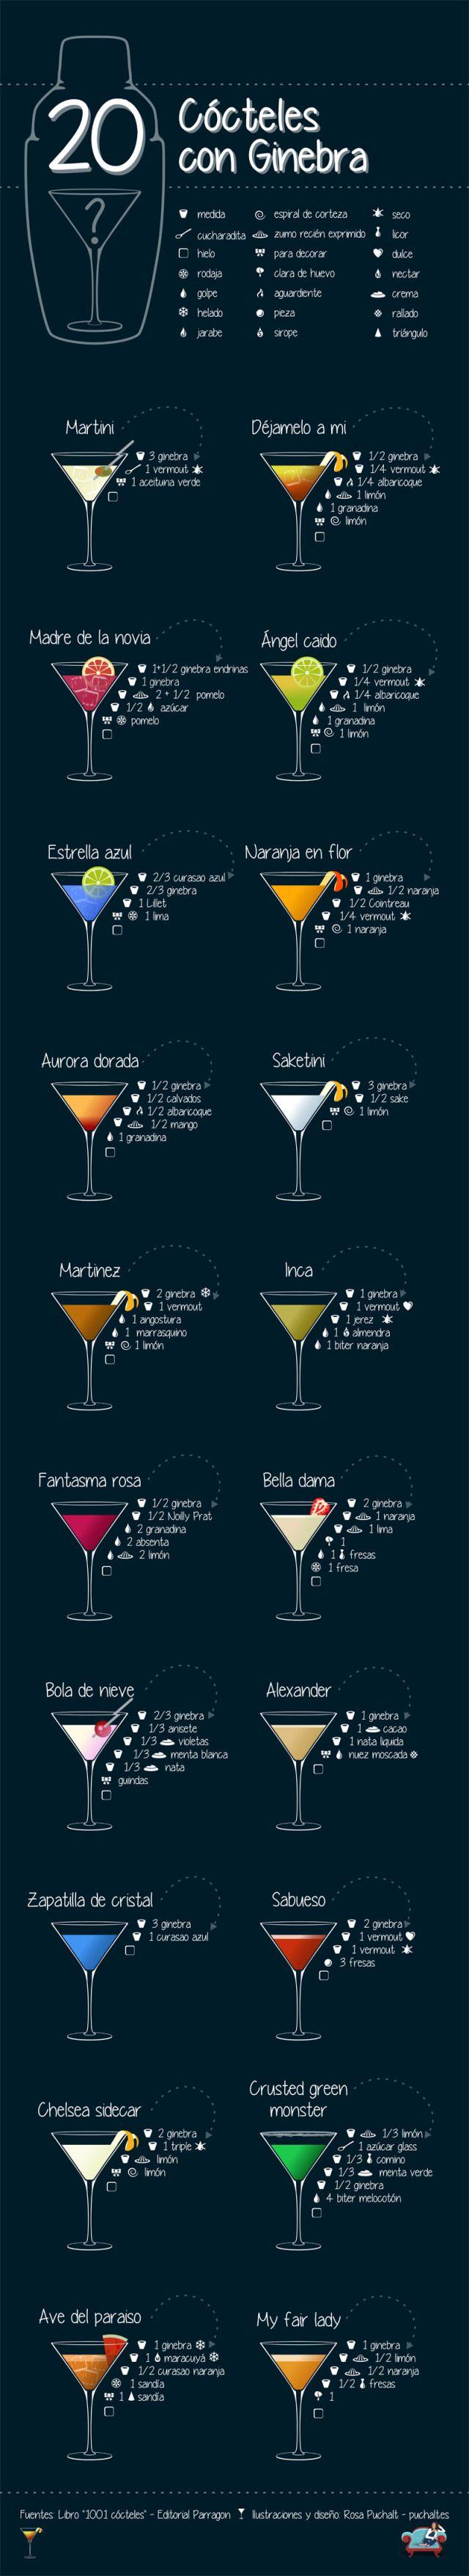 20 cócteles con Ginebra #infografia #infographic | Infografías en castellano